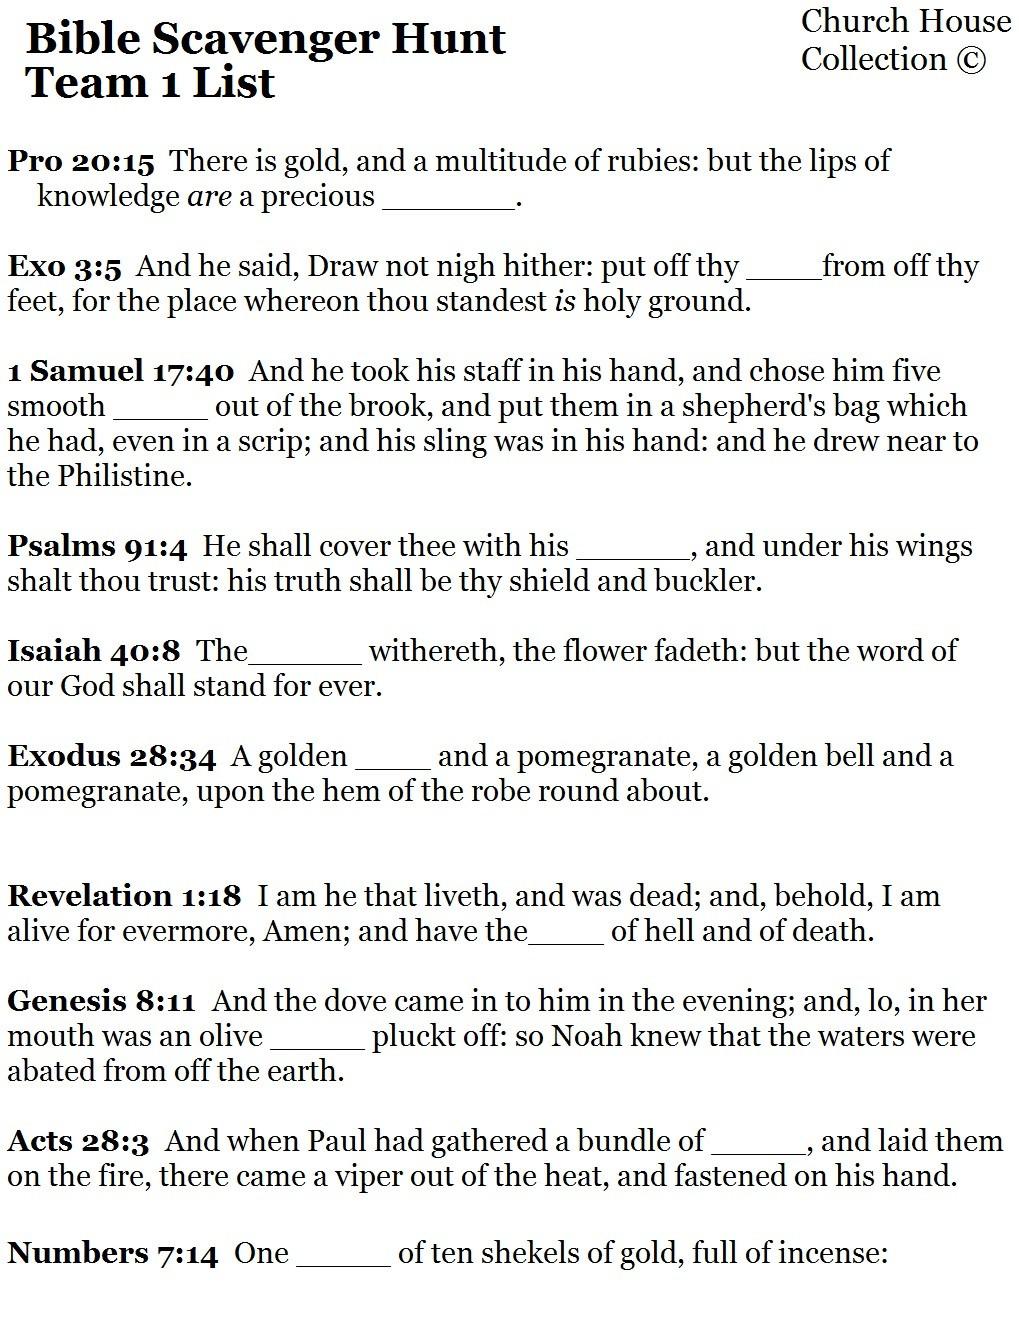 Bible Scavenger Hunt Worksheet Bible Scavenger Hunt